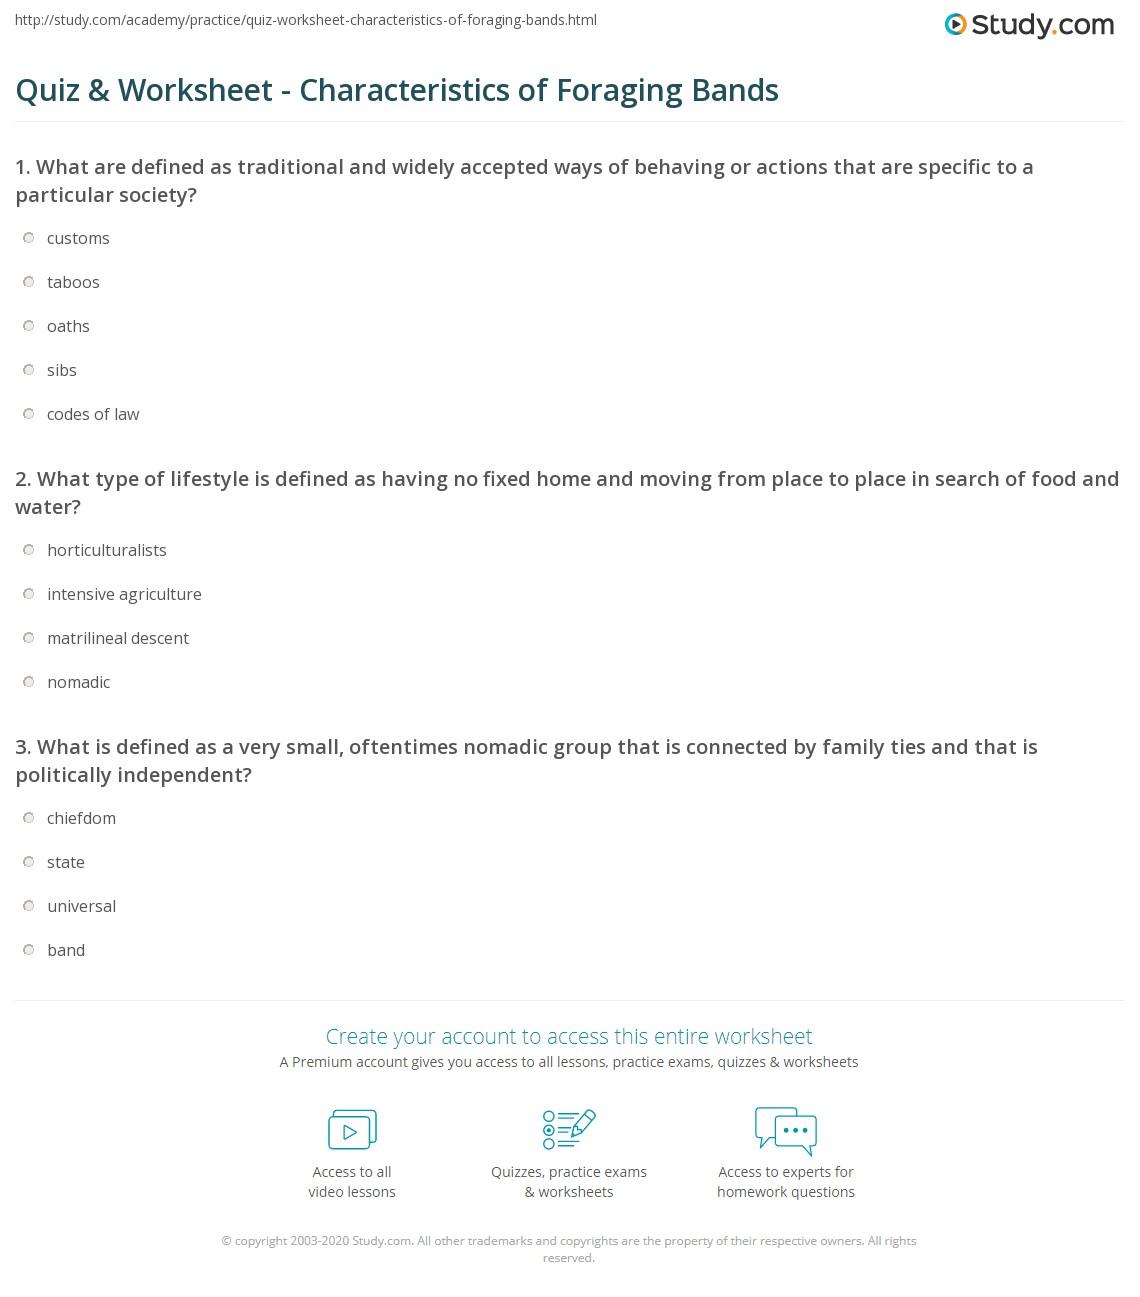 Quiz & Worksheet - Characteristics of Foraging Bands | Study.com